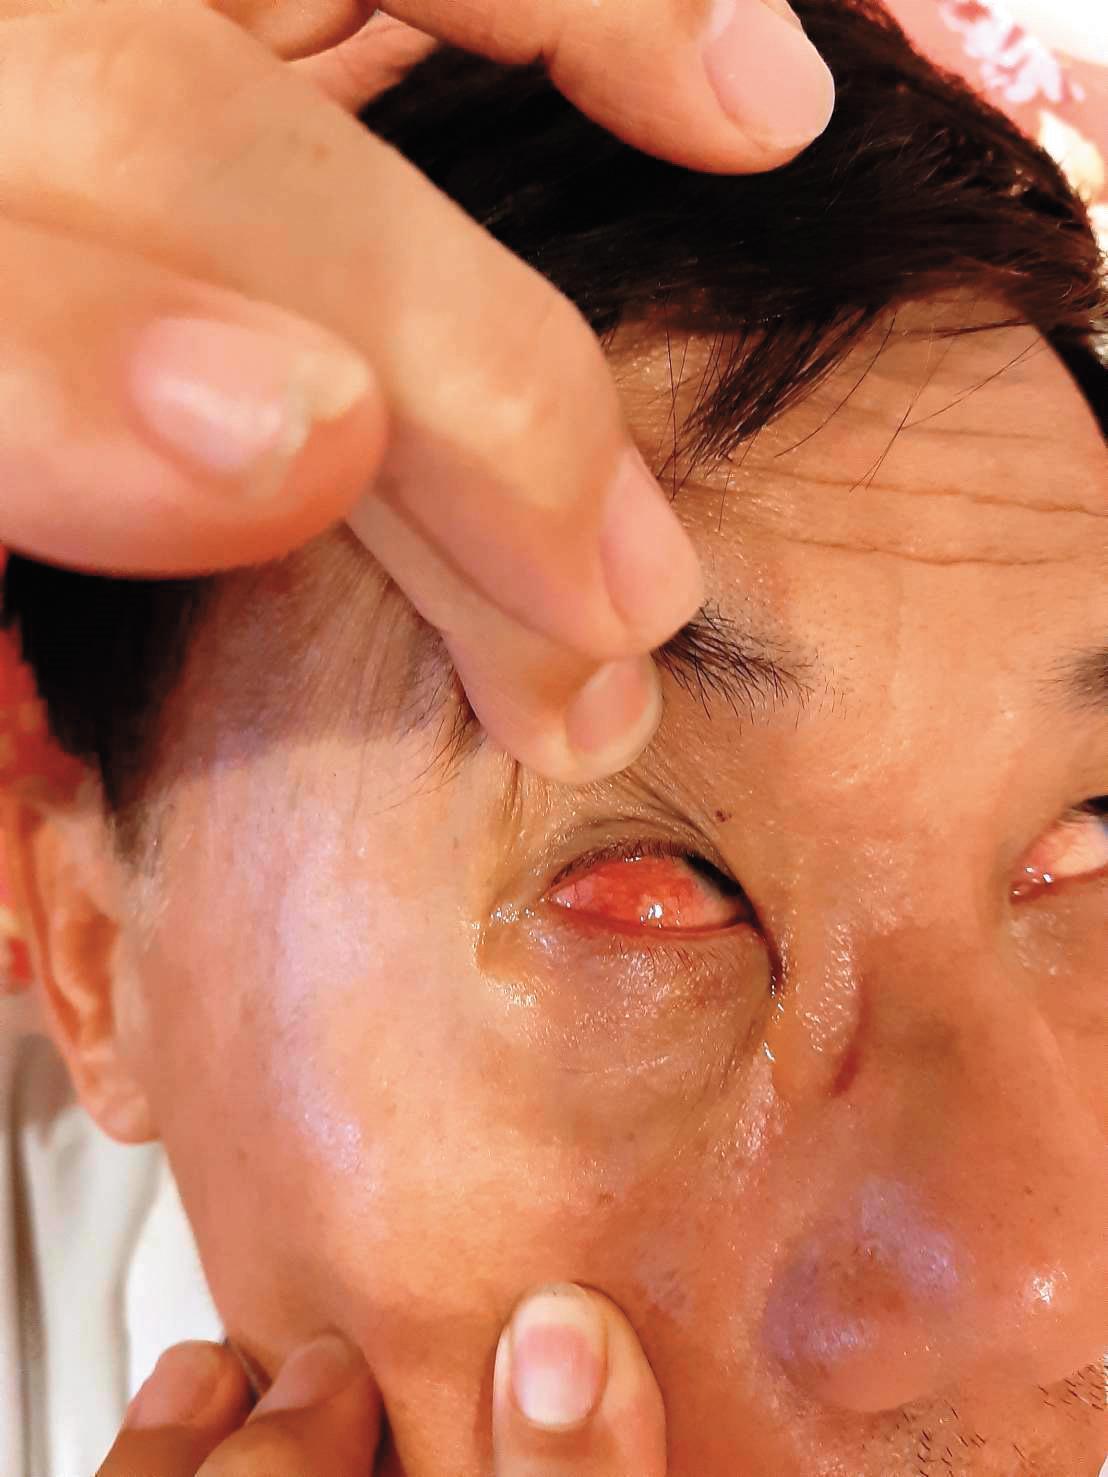 遭陳父毆打的住戶渾身是傷,其中有人被打到右眼視力受損,至今仍需復健。(讀者提供)